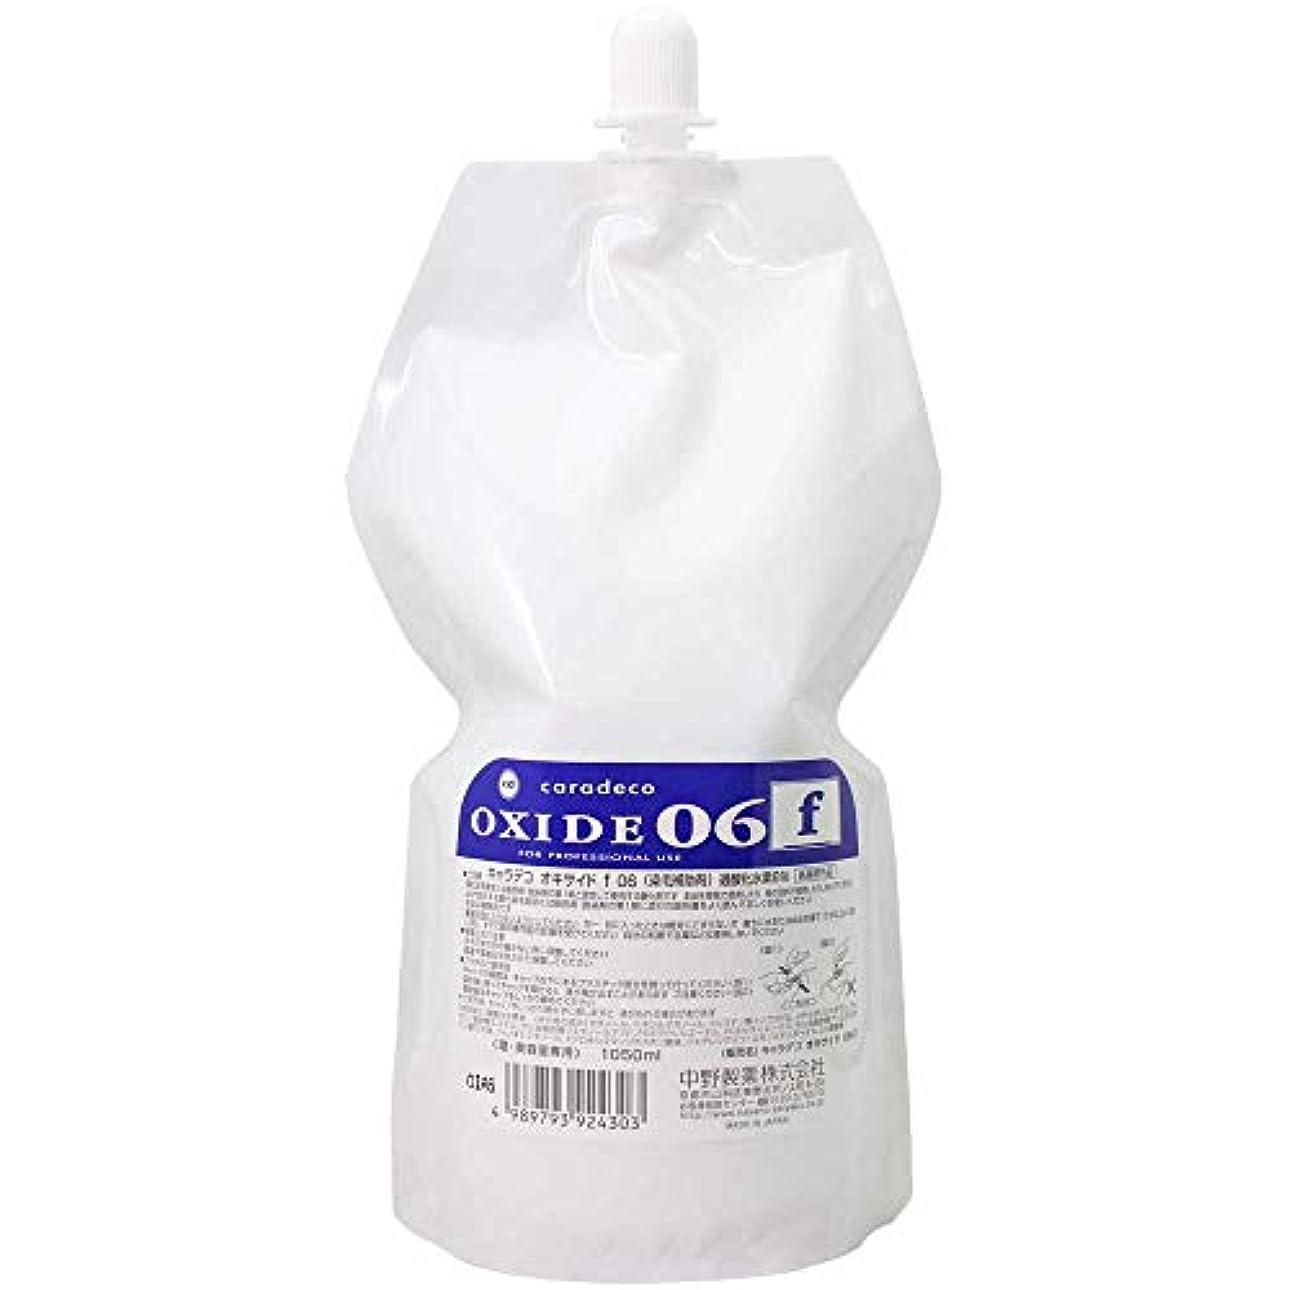 成功する追加問題【ナカノ】キャラデコ オキサイドf 06 第2剤 (過酸化水素6%) 1050ml